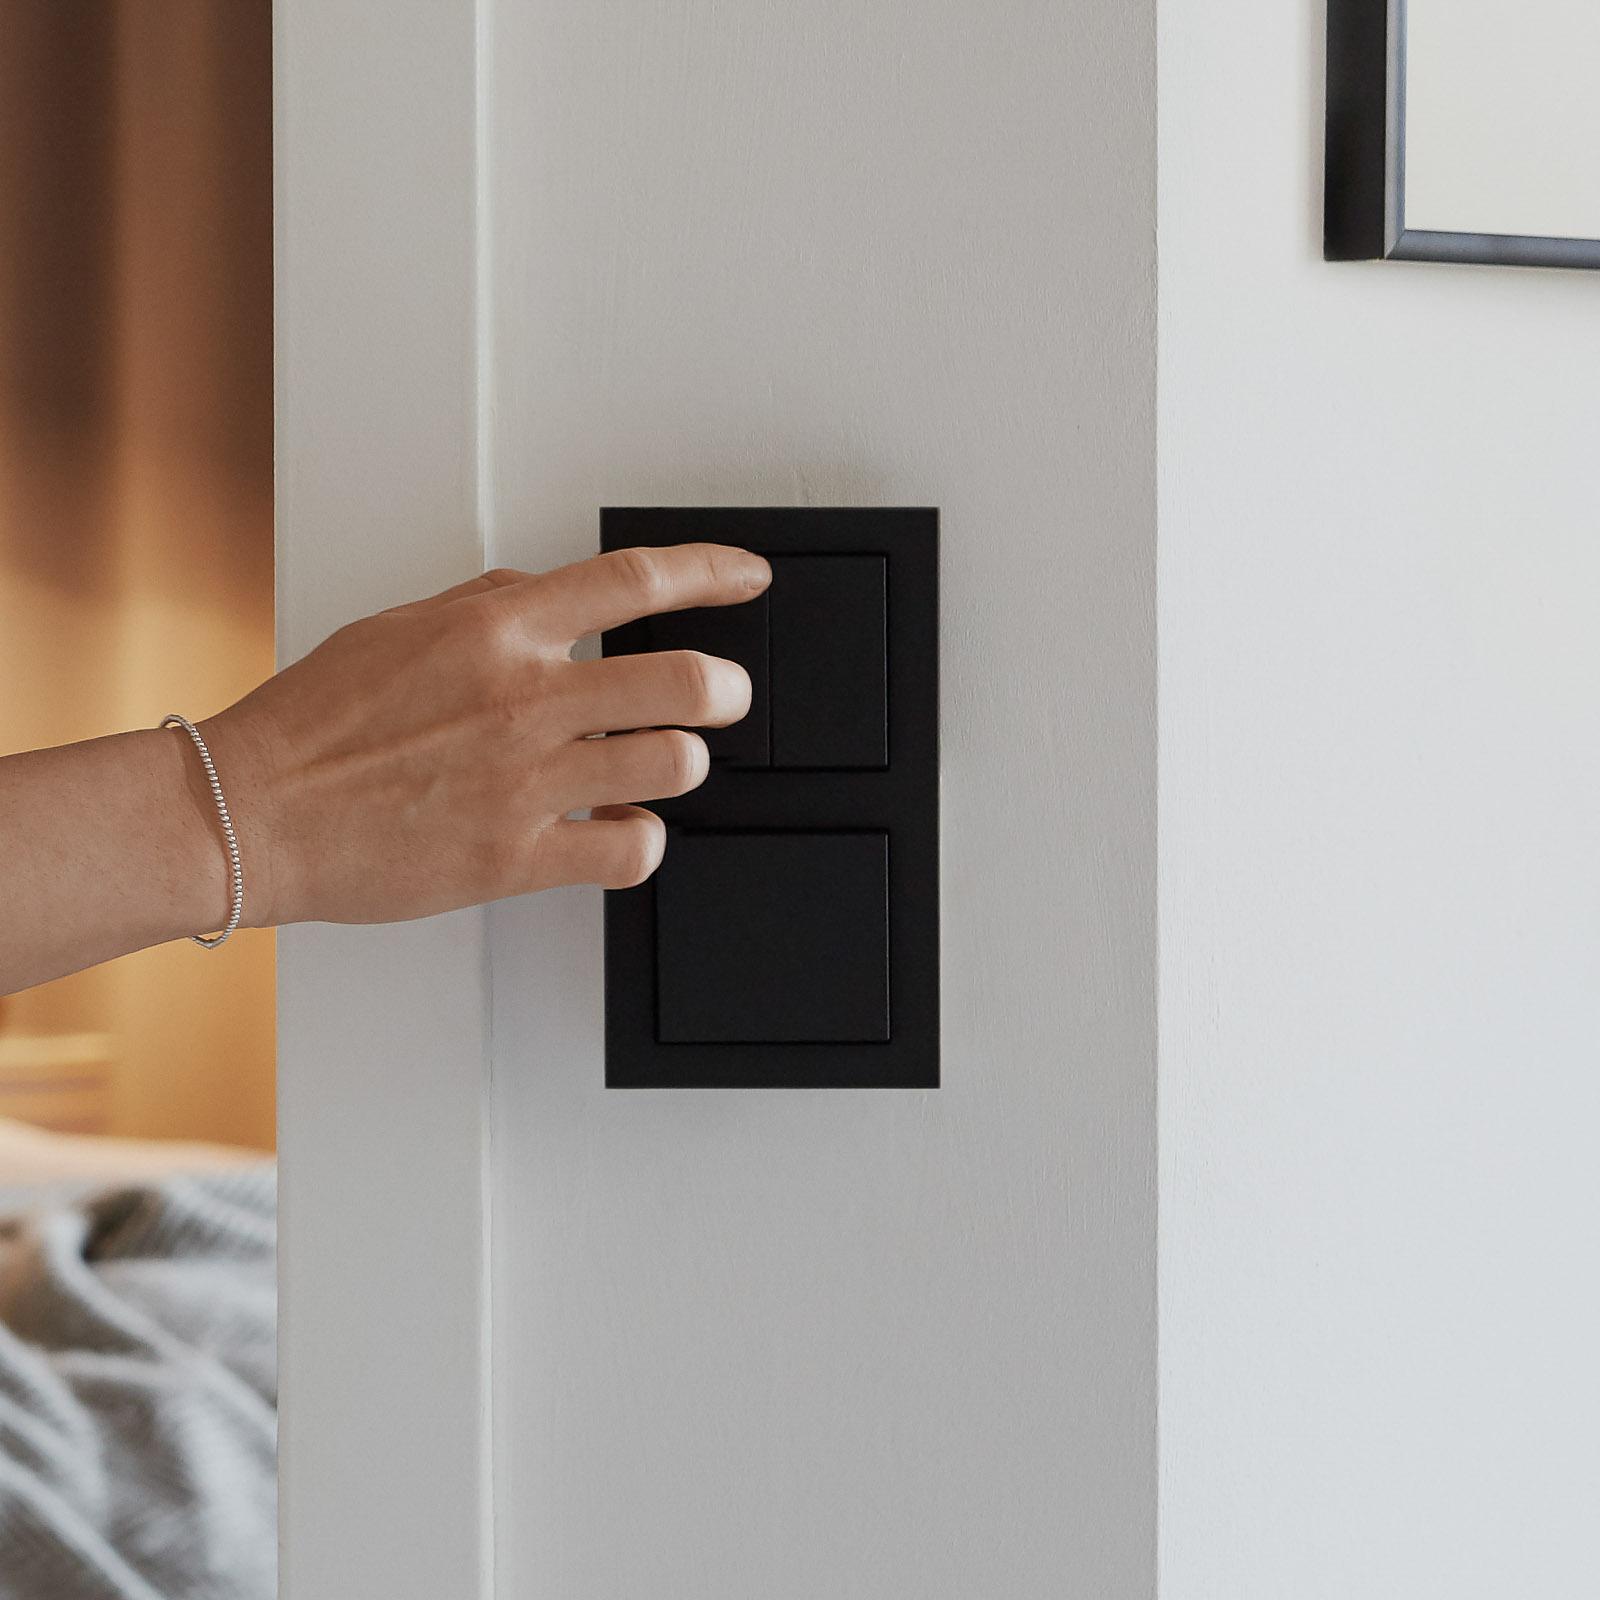 Senic Smart Switch Philips Hue, 3 ks, černá matná